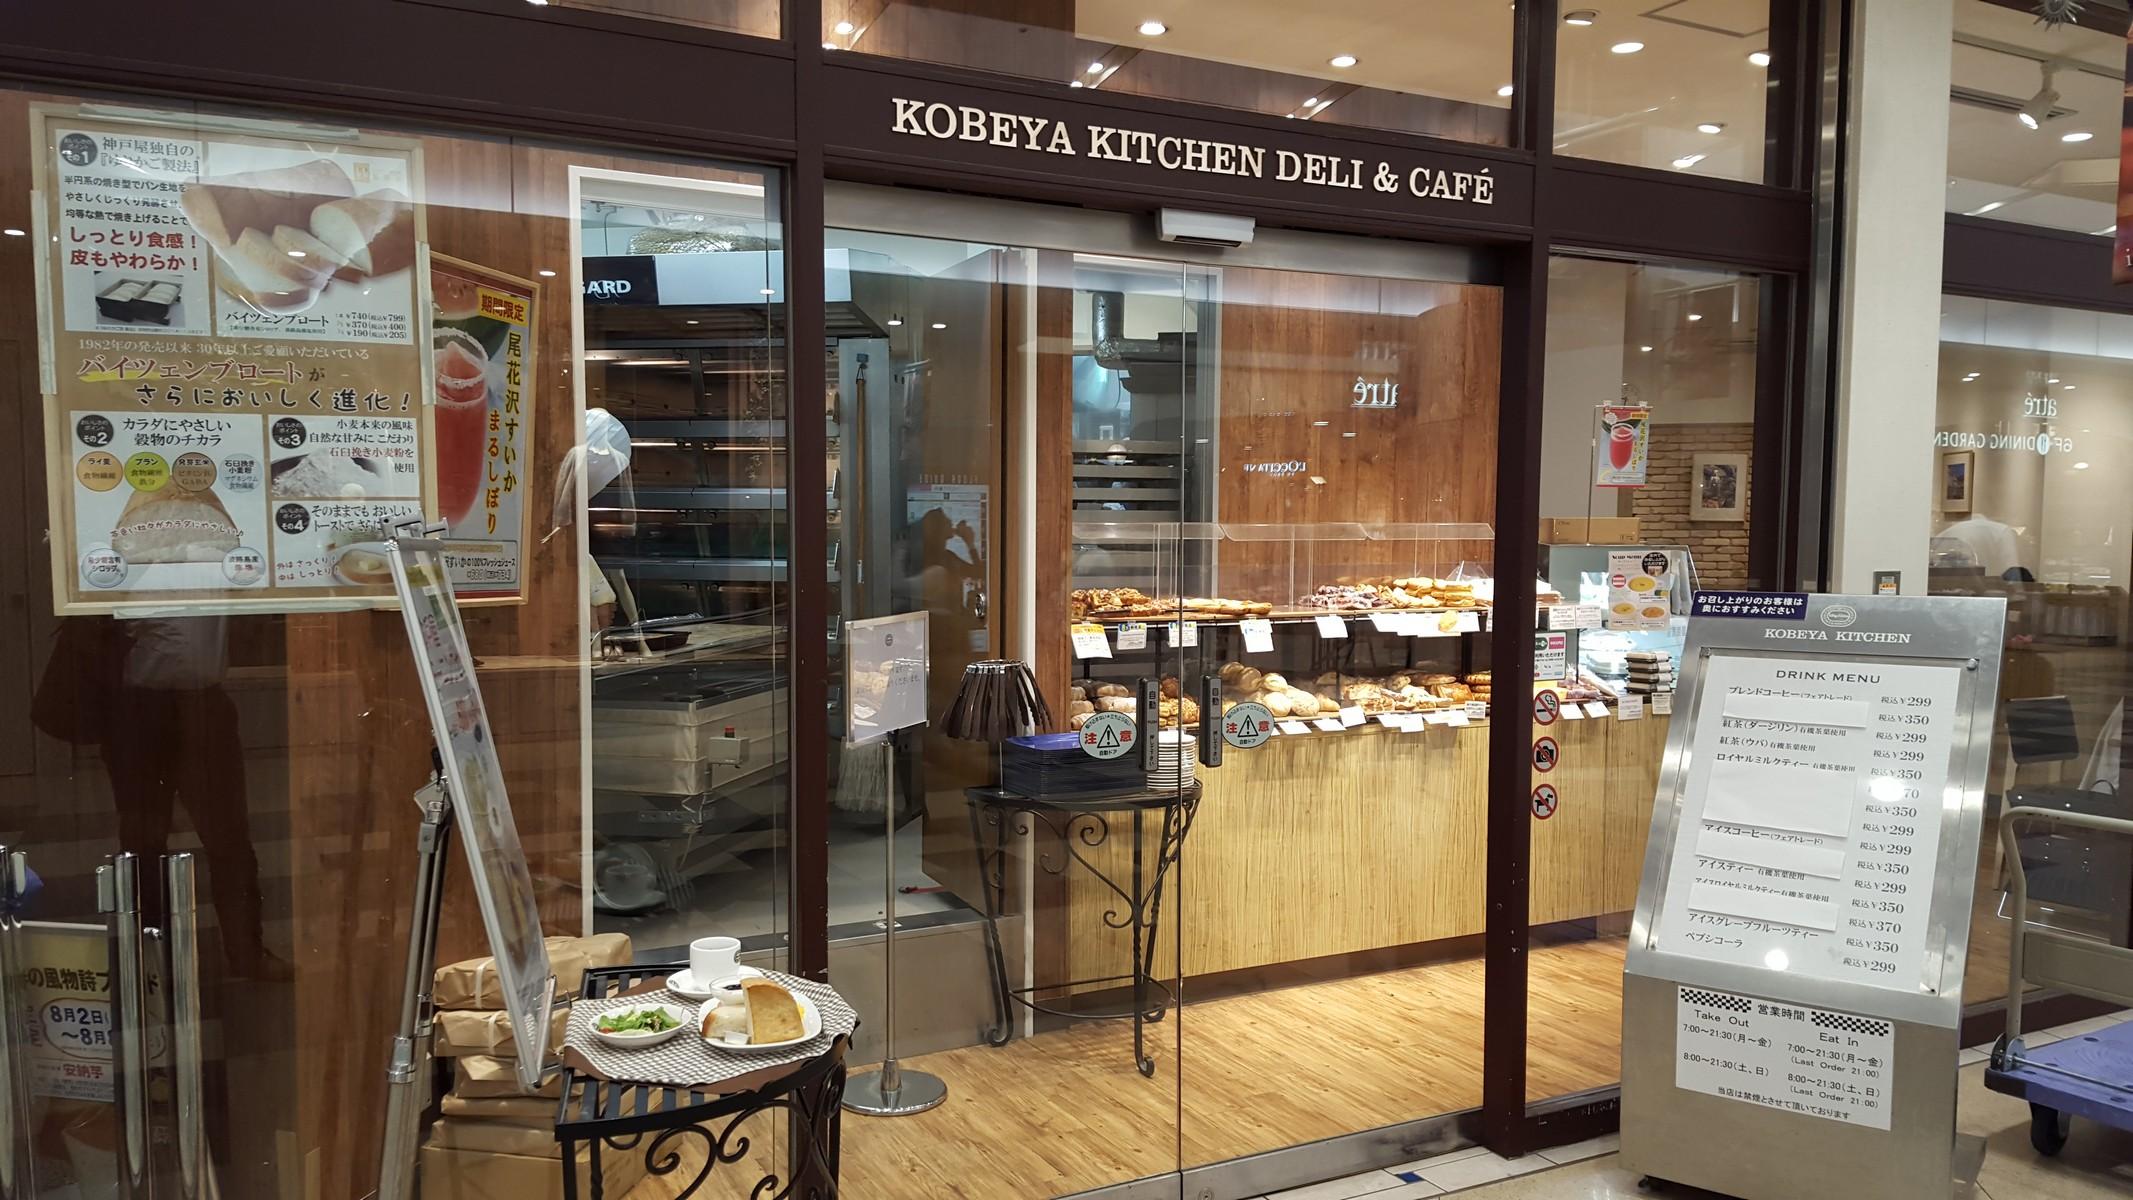 「店舗外観」 焼きたてパンを使ったモーニングセットがお得【神戸屋キッチン/恵比寿】